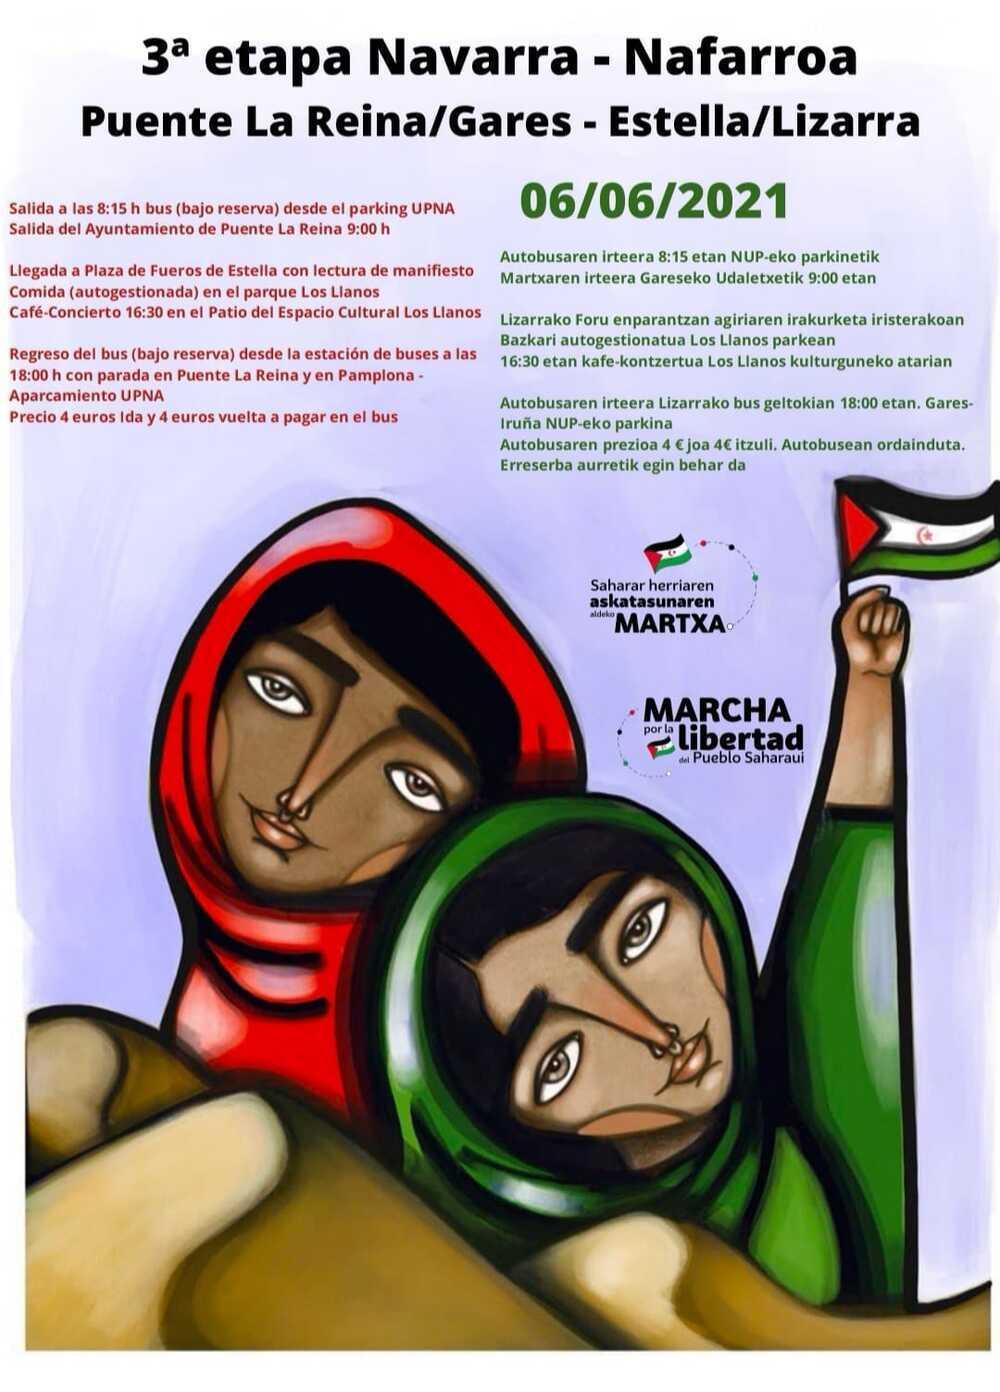 Marcha por la libertad del pueblo Saharaui en Estella